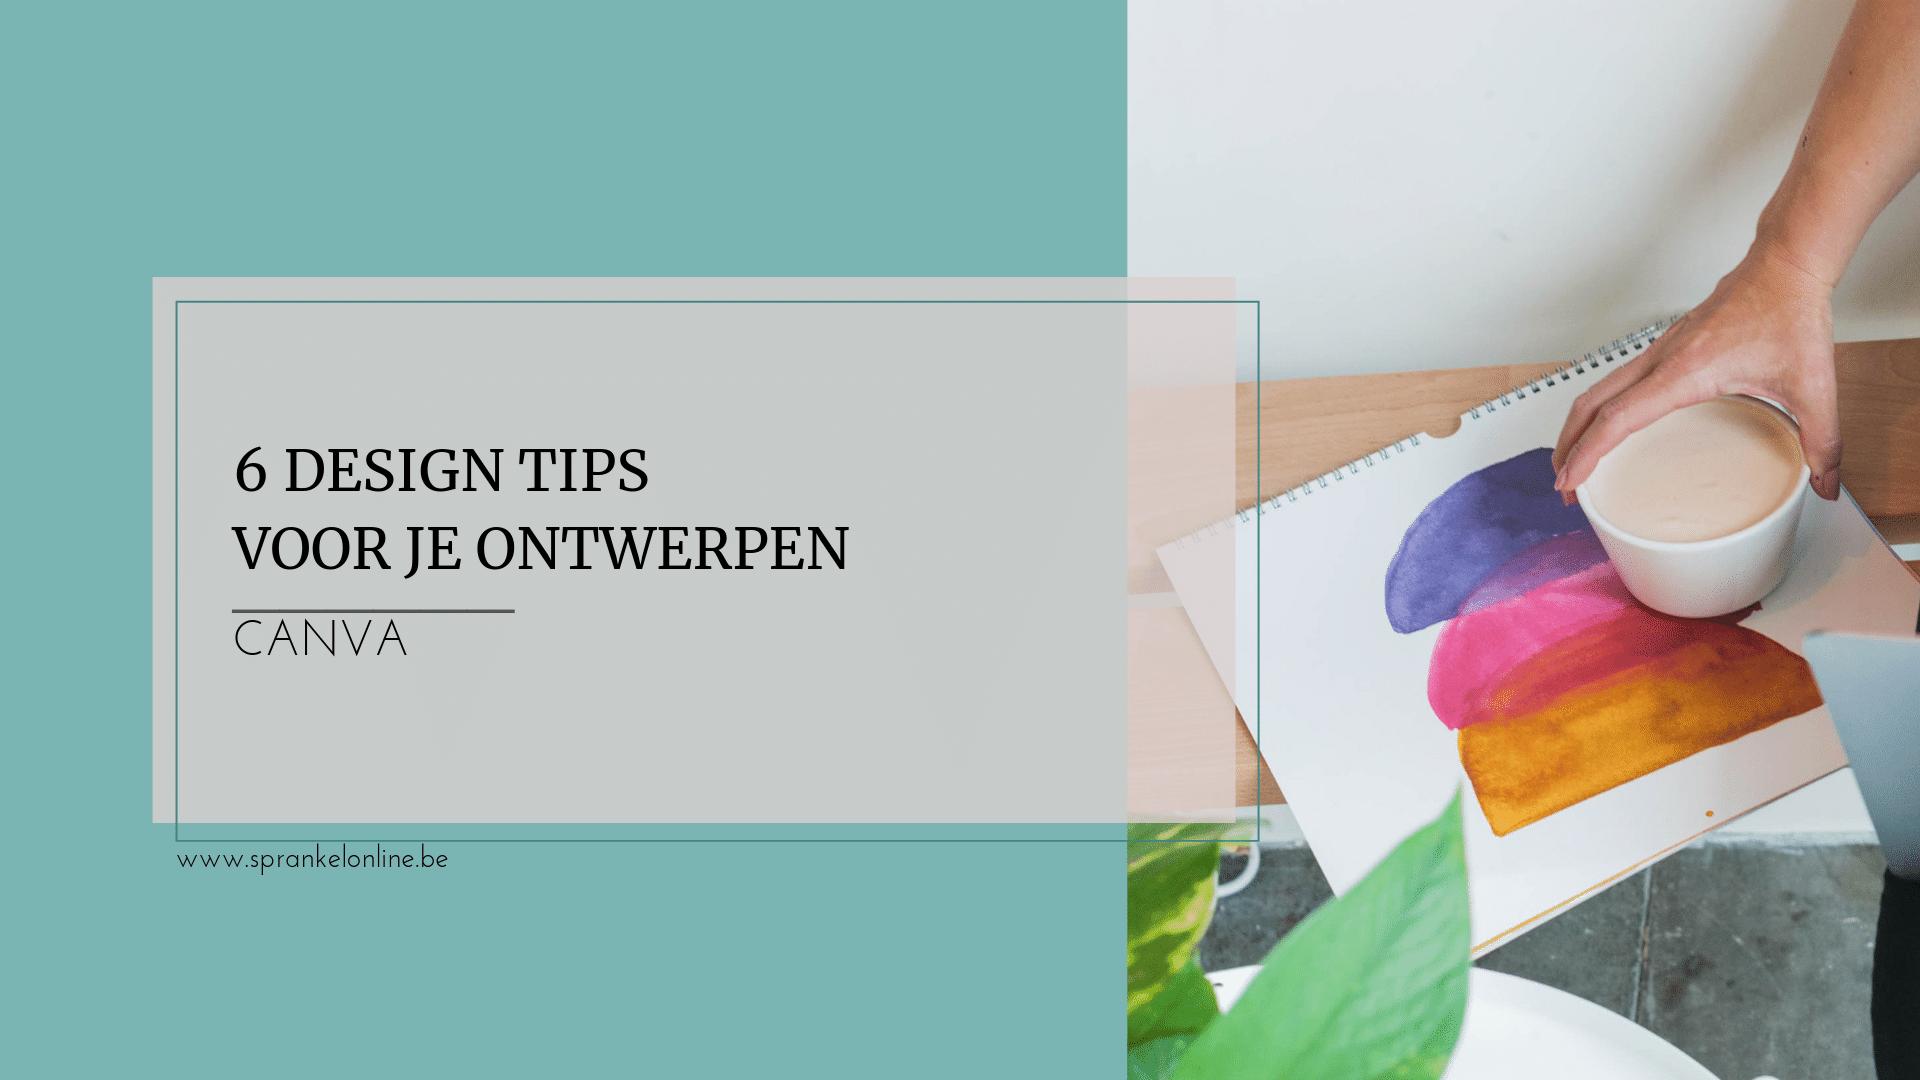 6 design tips voor je ontwerpen